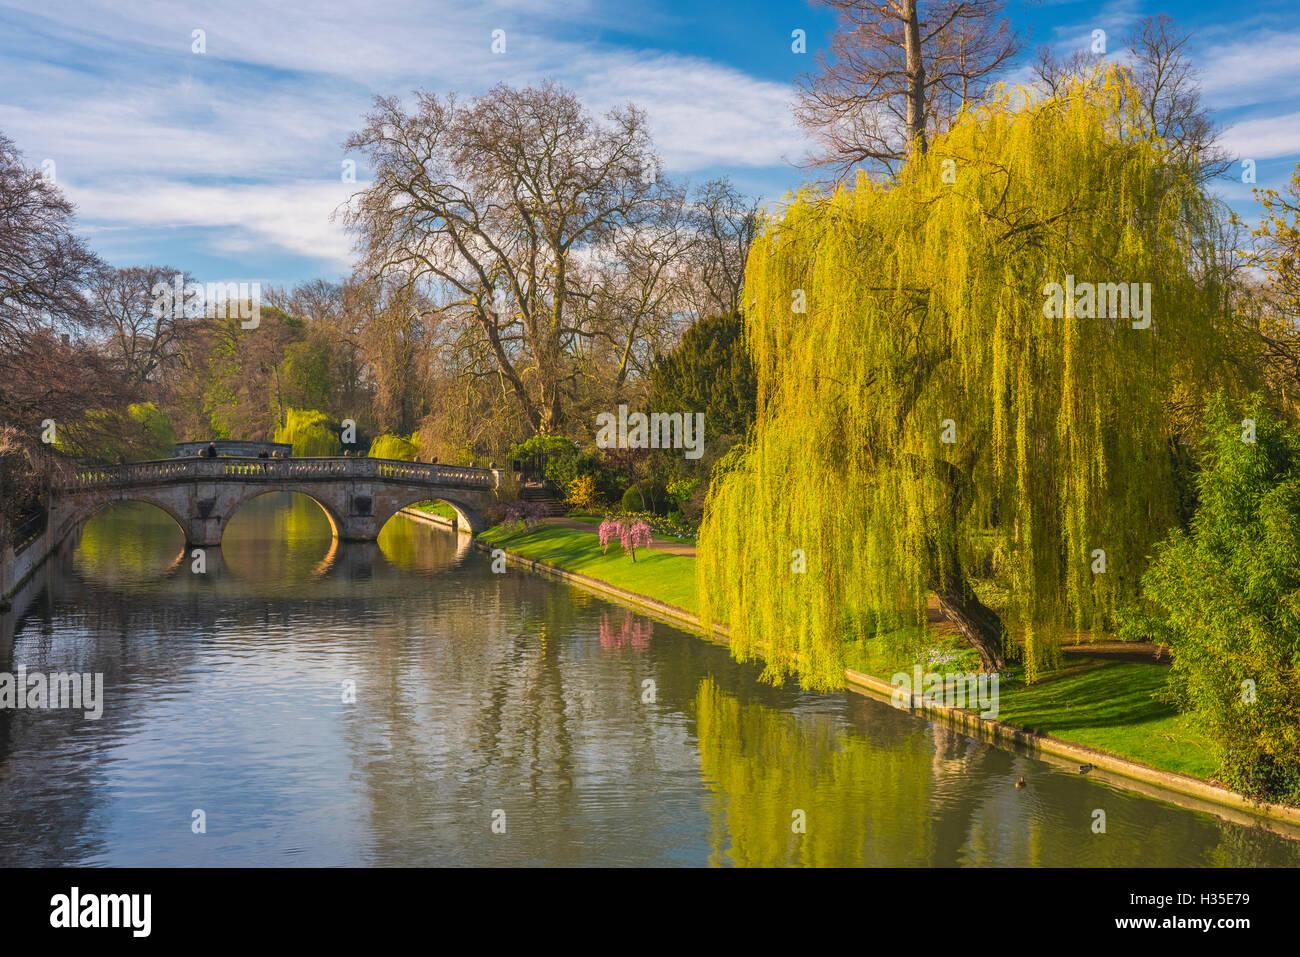 Der Rücken, Fluss Cam, Cambridge, Cambridgeshire, England, Vereinigtes Königreich Stockbild